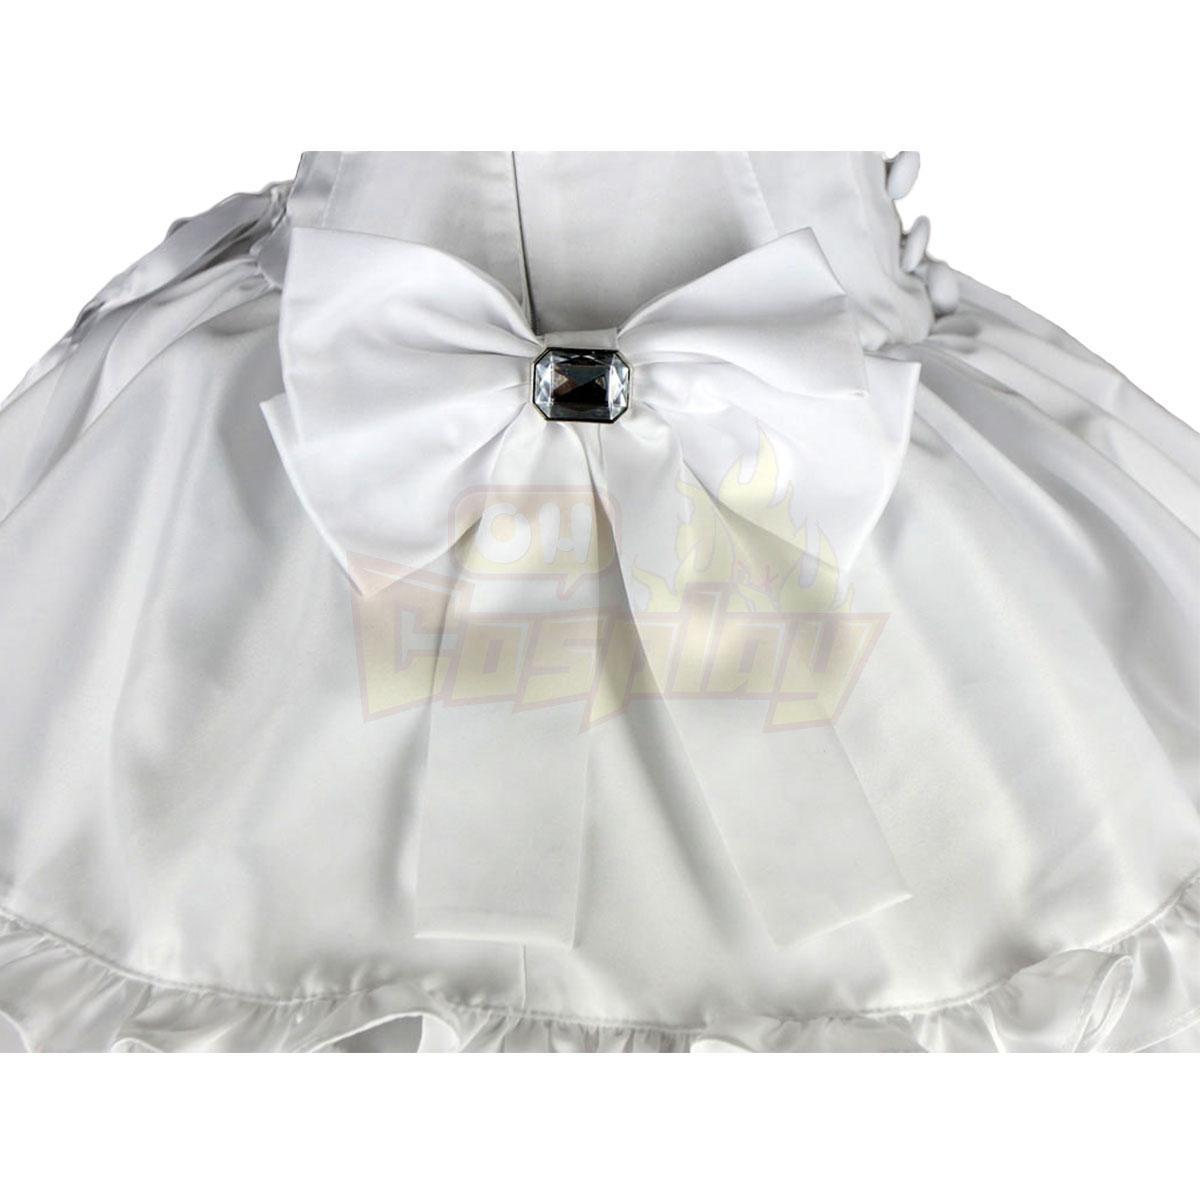 لوليتا فاخرة الثقافة حزام الأبيض الانحناء نصف فساتين كوزبلاي ازياء